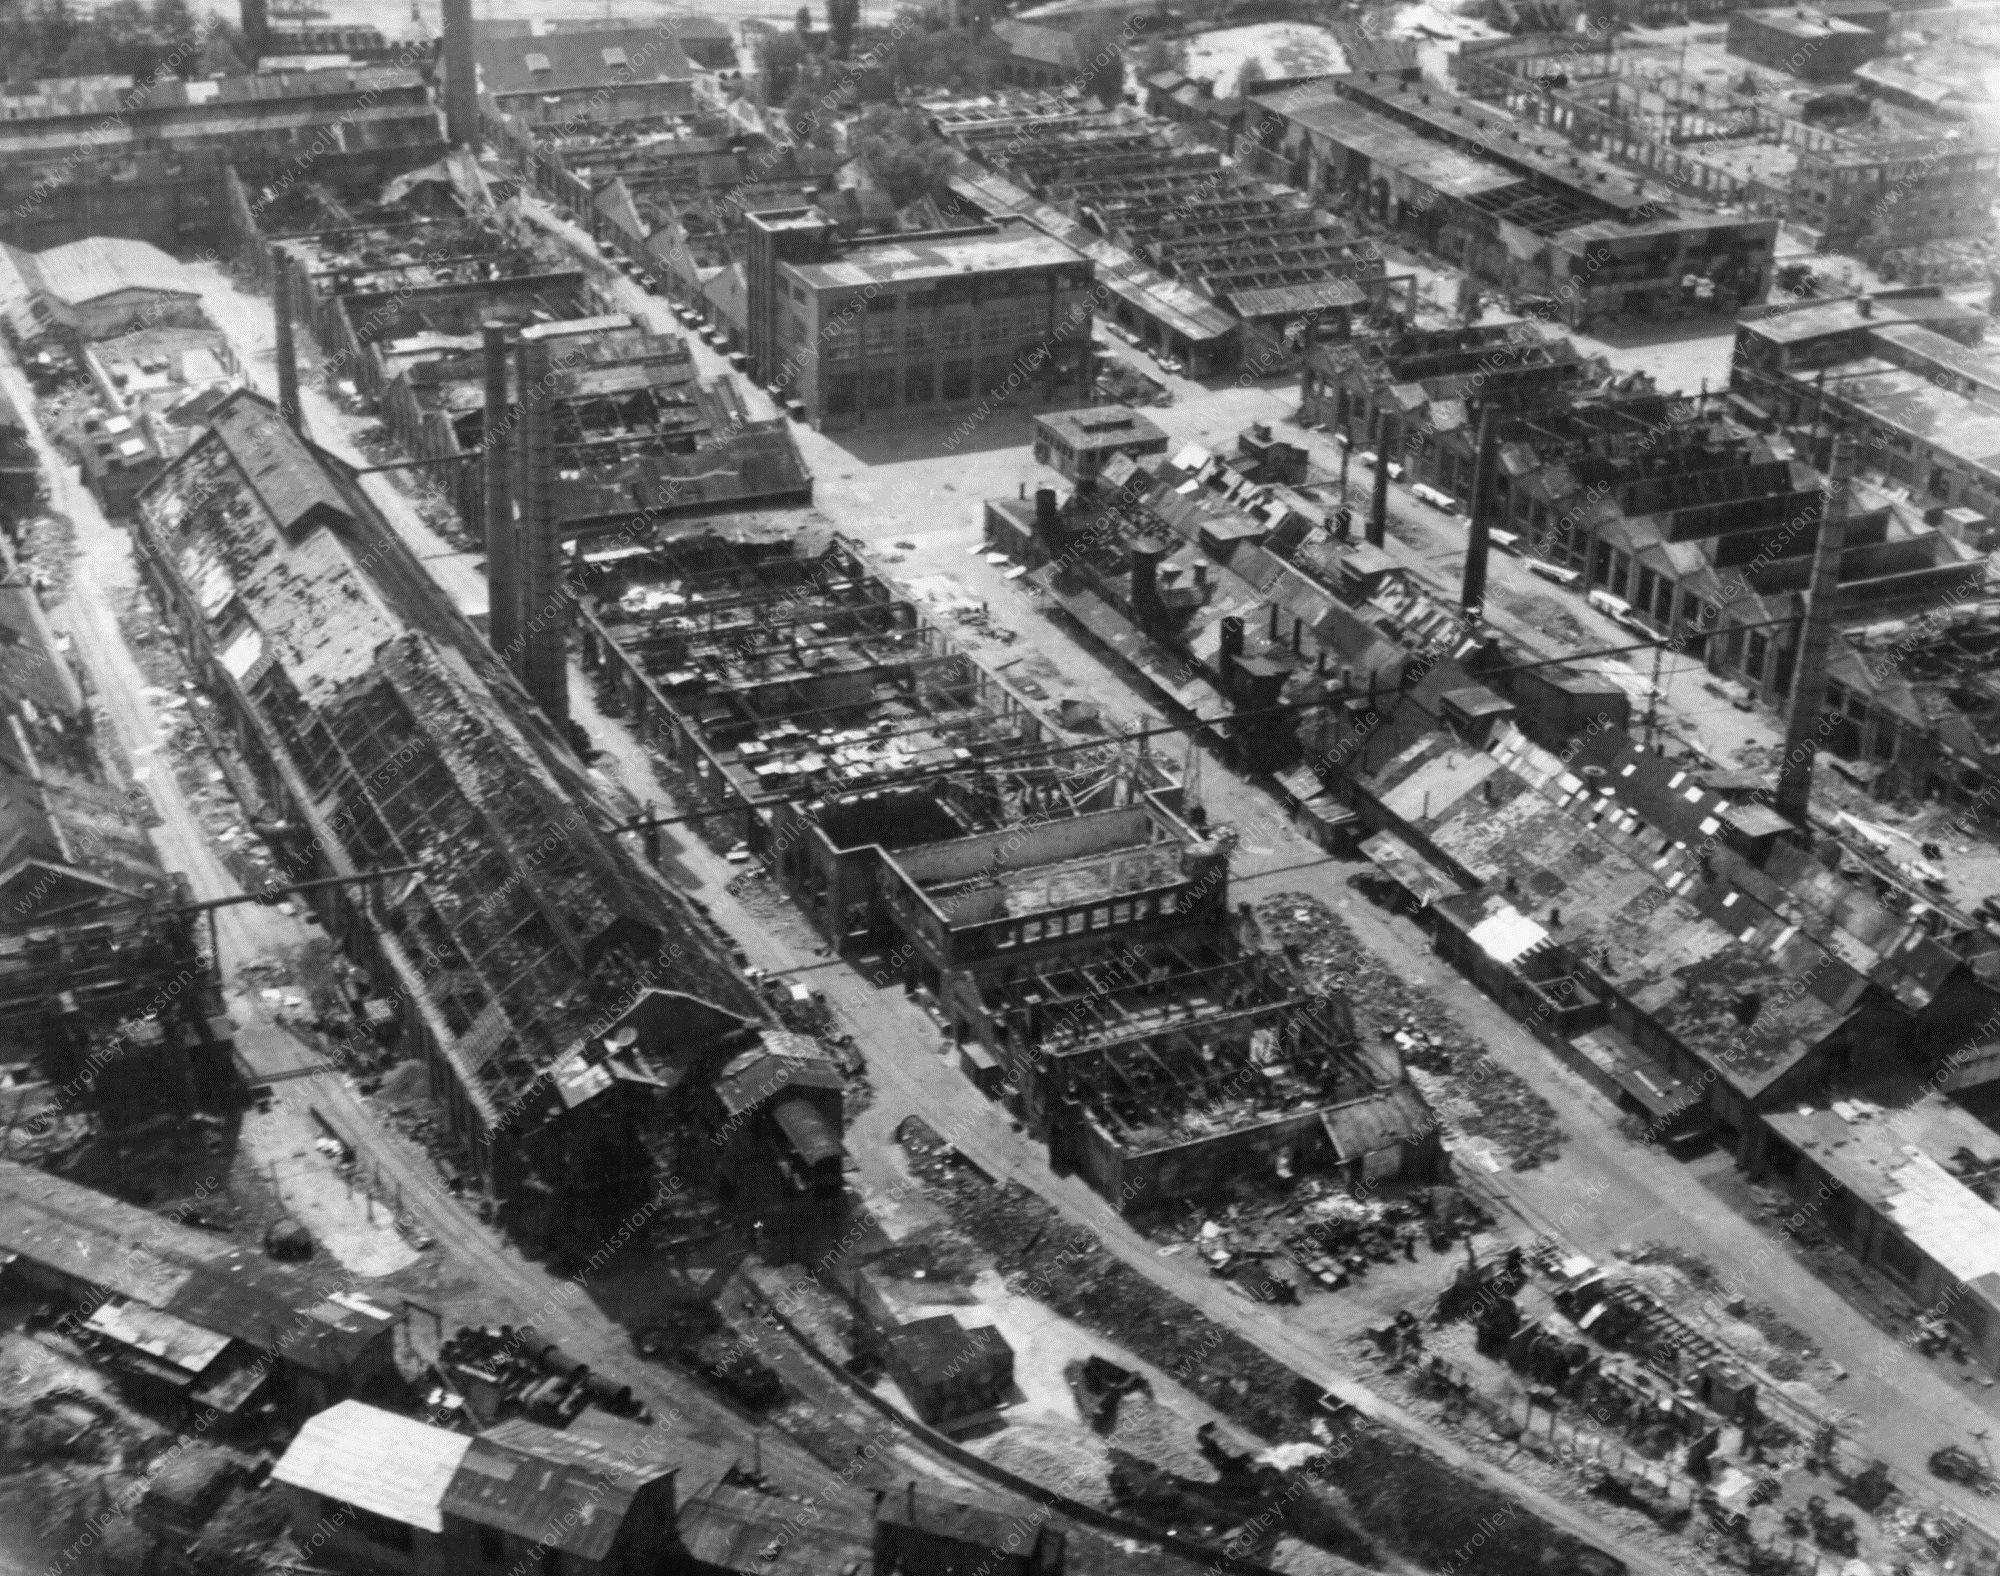 Heddernheimer Kupferwerk - Luftbild Vereinigte Deutsche Metallwerke - Frankfurt am Main im Mai 1945